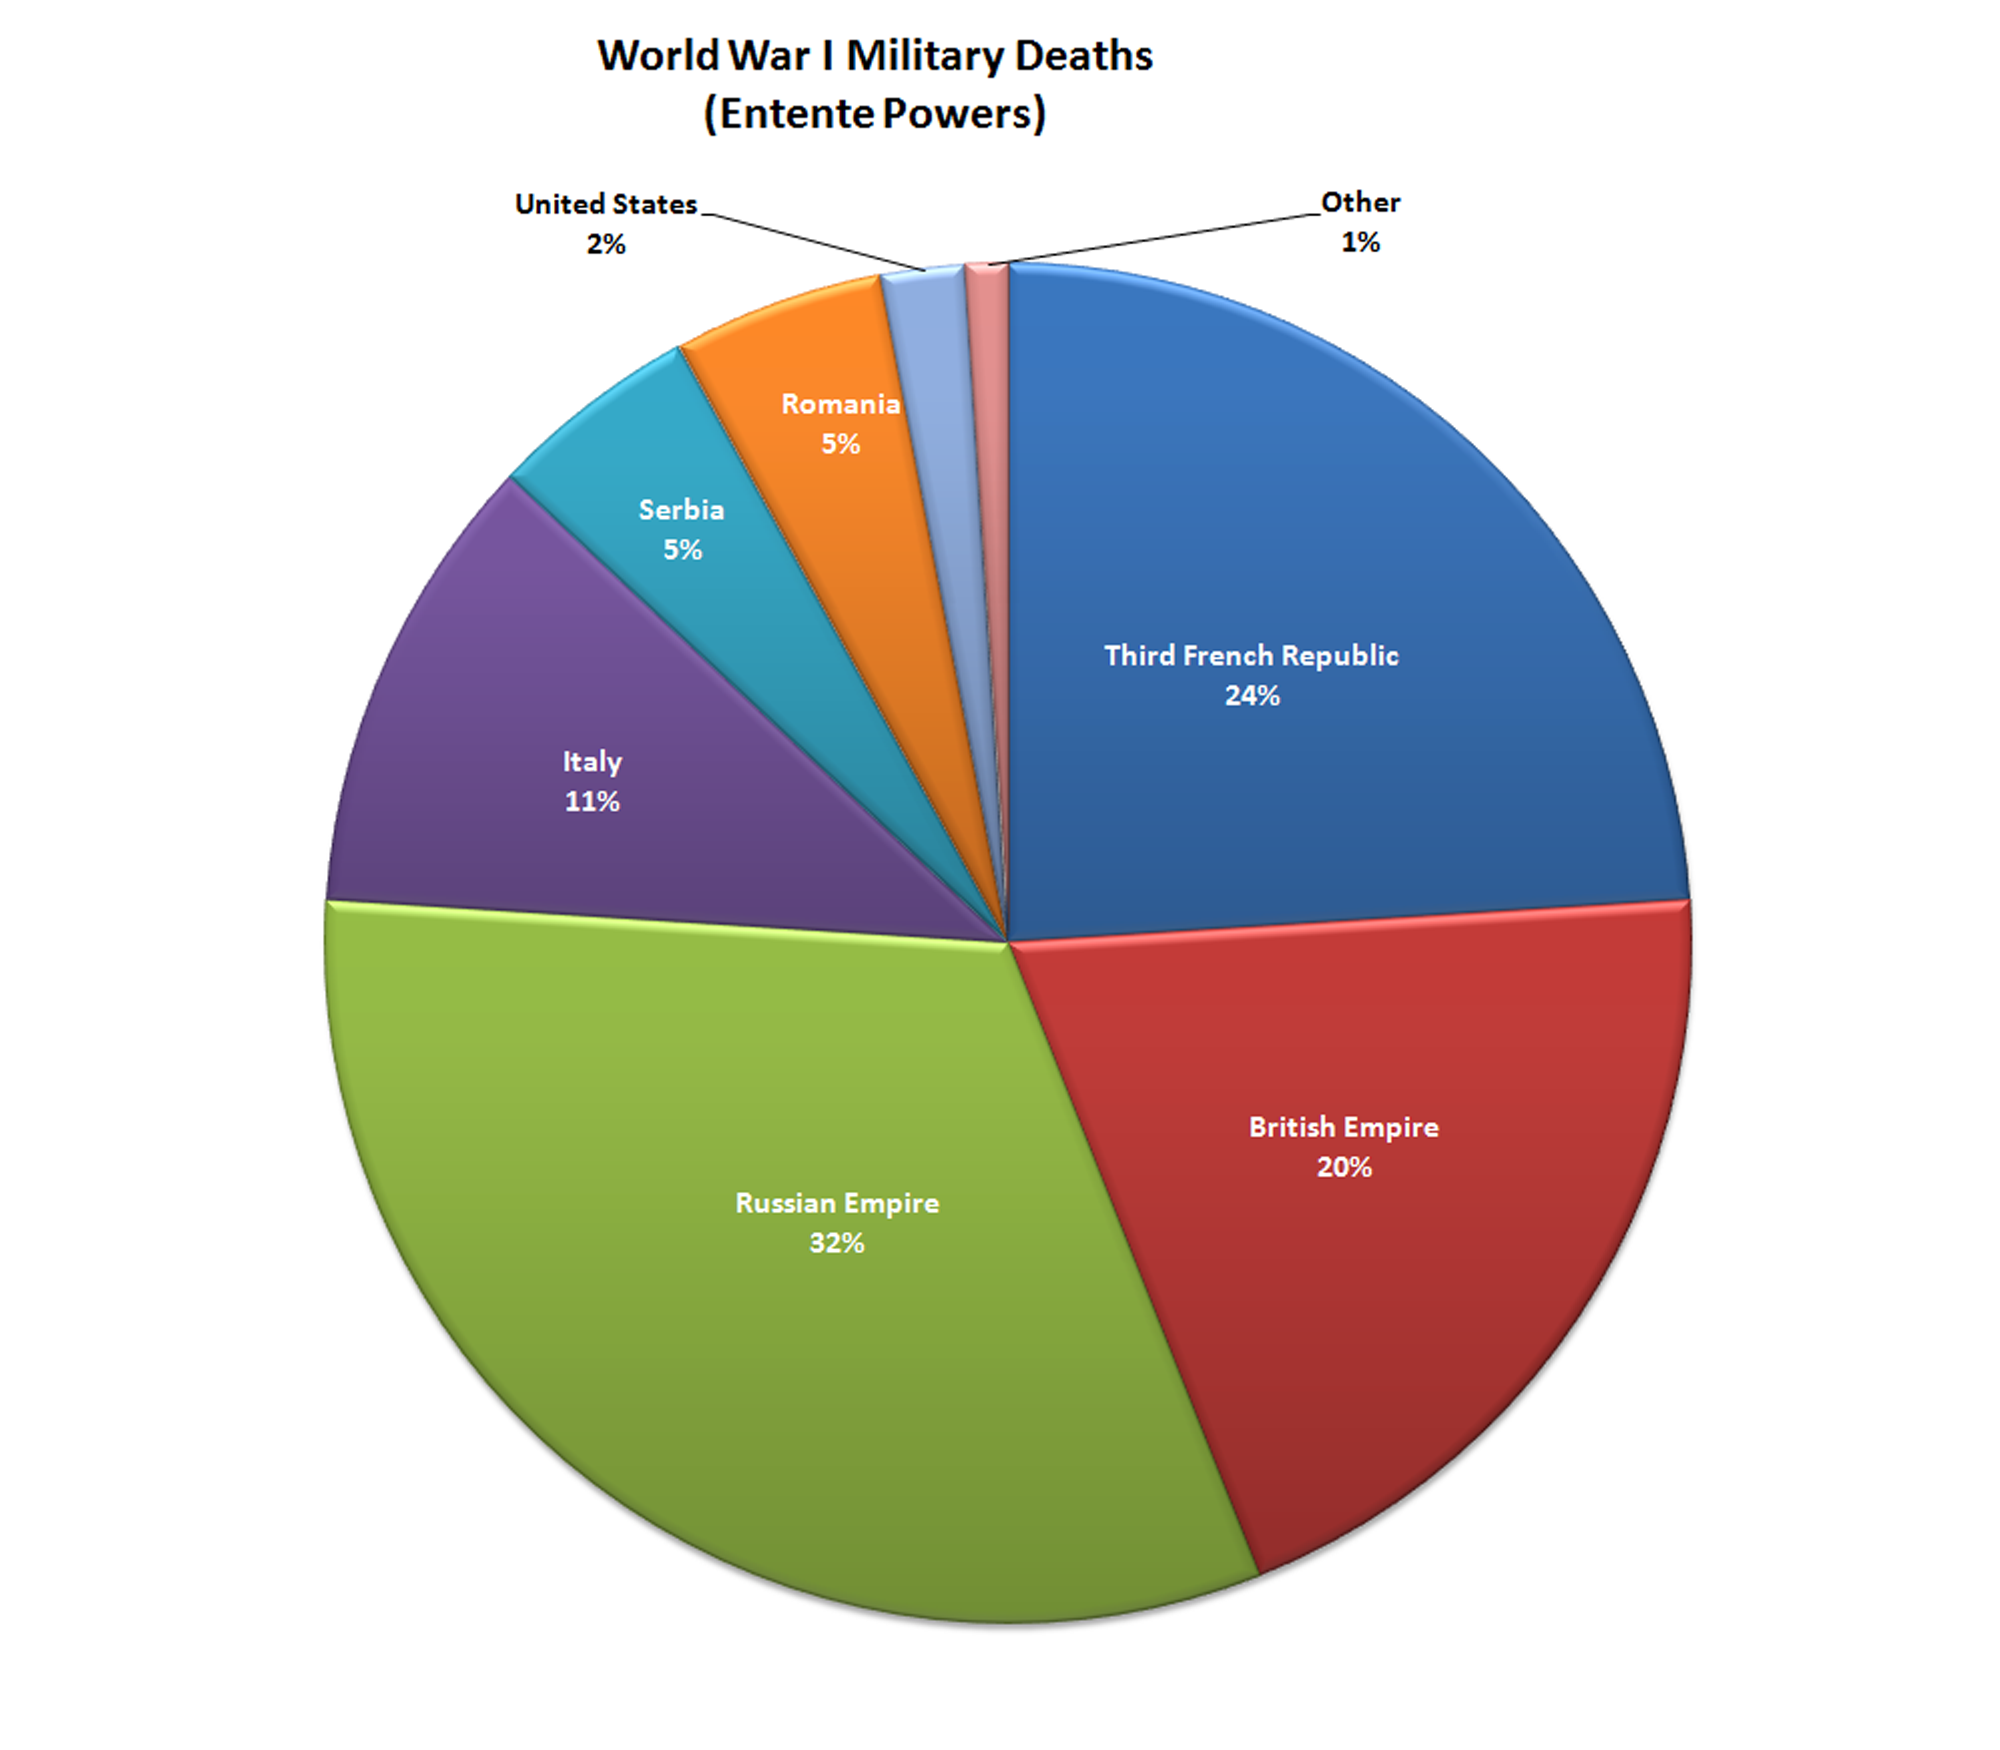 Fileworldwari militarydeaths ententepowers piechartg fileworldwari militarydeaths ententepowers piechartg geenschuldenfo Images